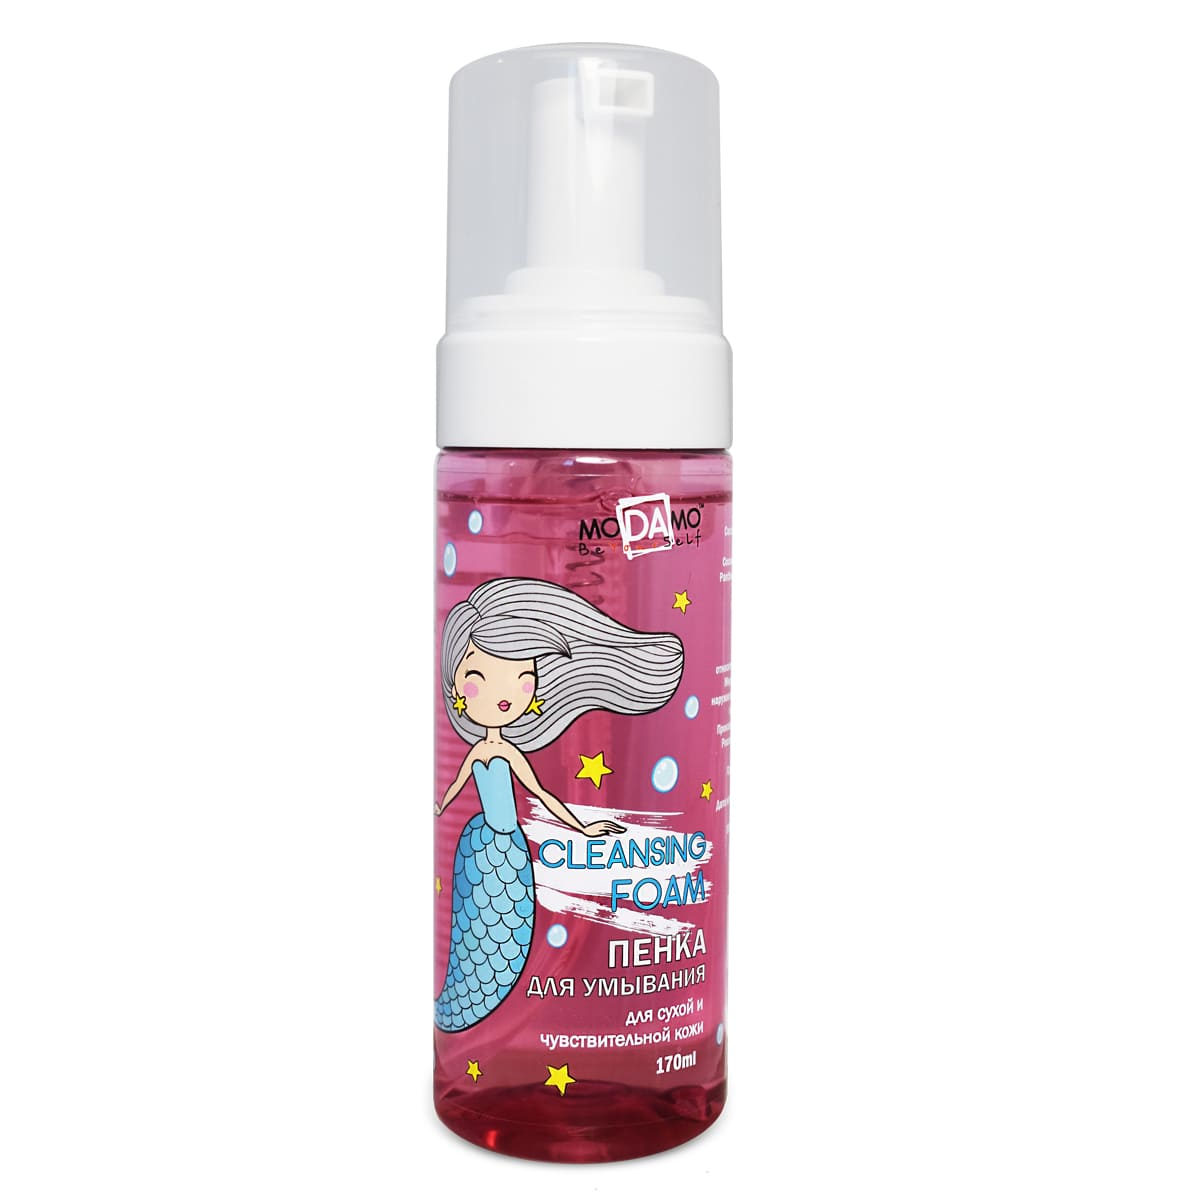 Купить MoDAmo Пенка для умывания для сухой и чувствительной кожи, 170 мл (moDAmo, Be yourself), Россия